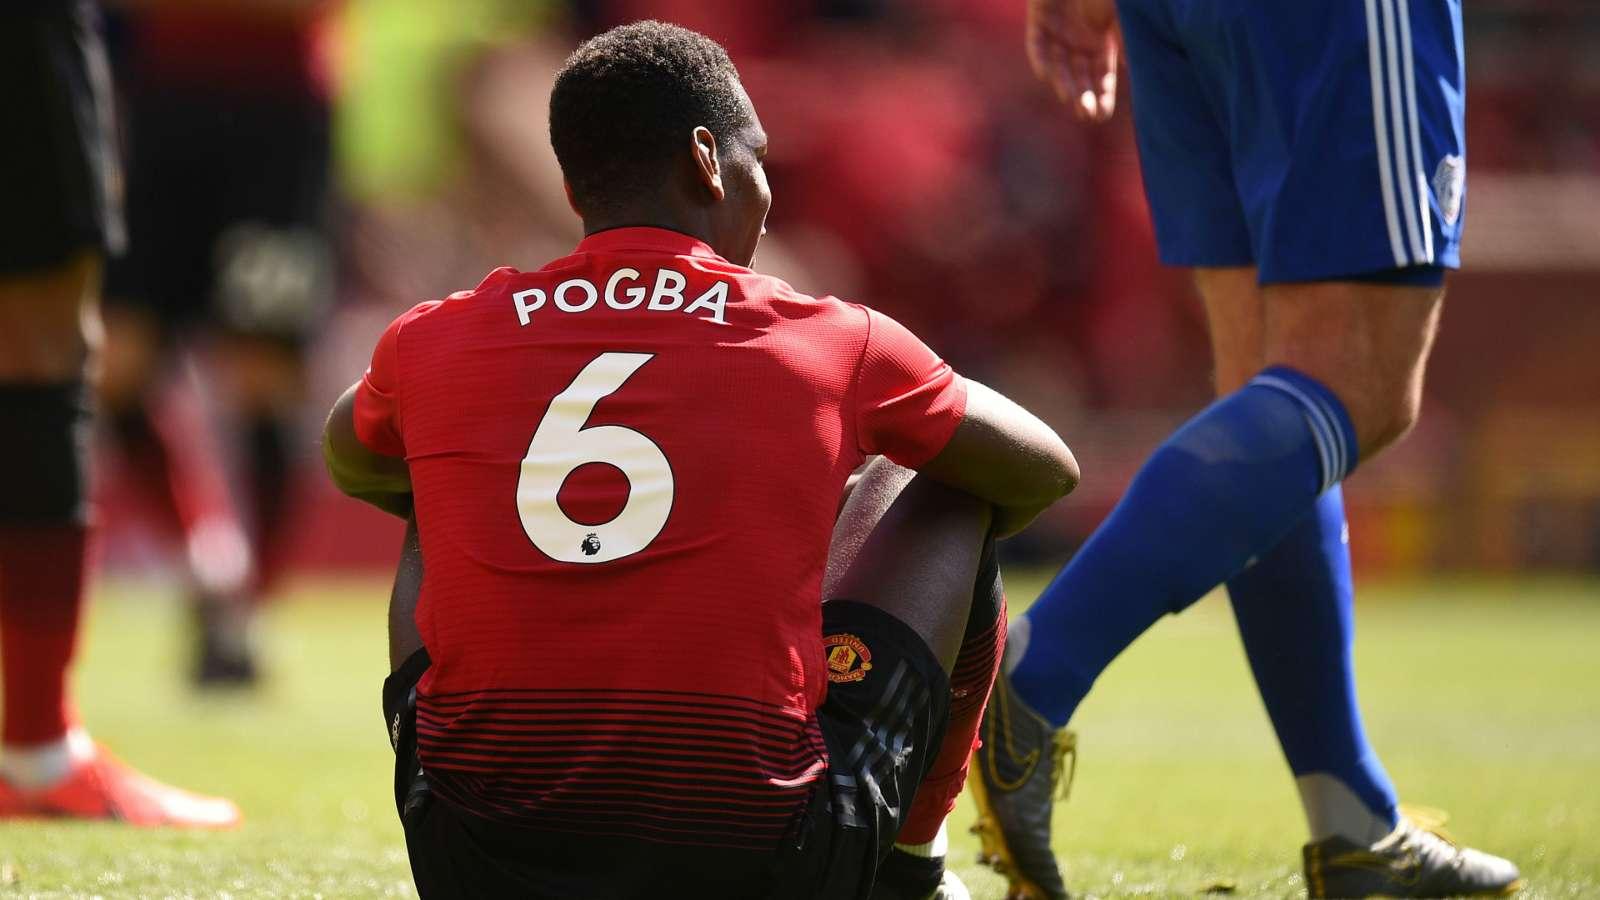 德约卡夫:世界杯后博格巴要一年恢复,齐达内将重建皇马